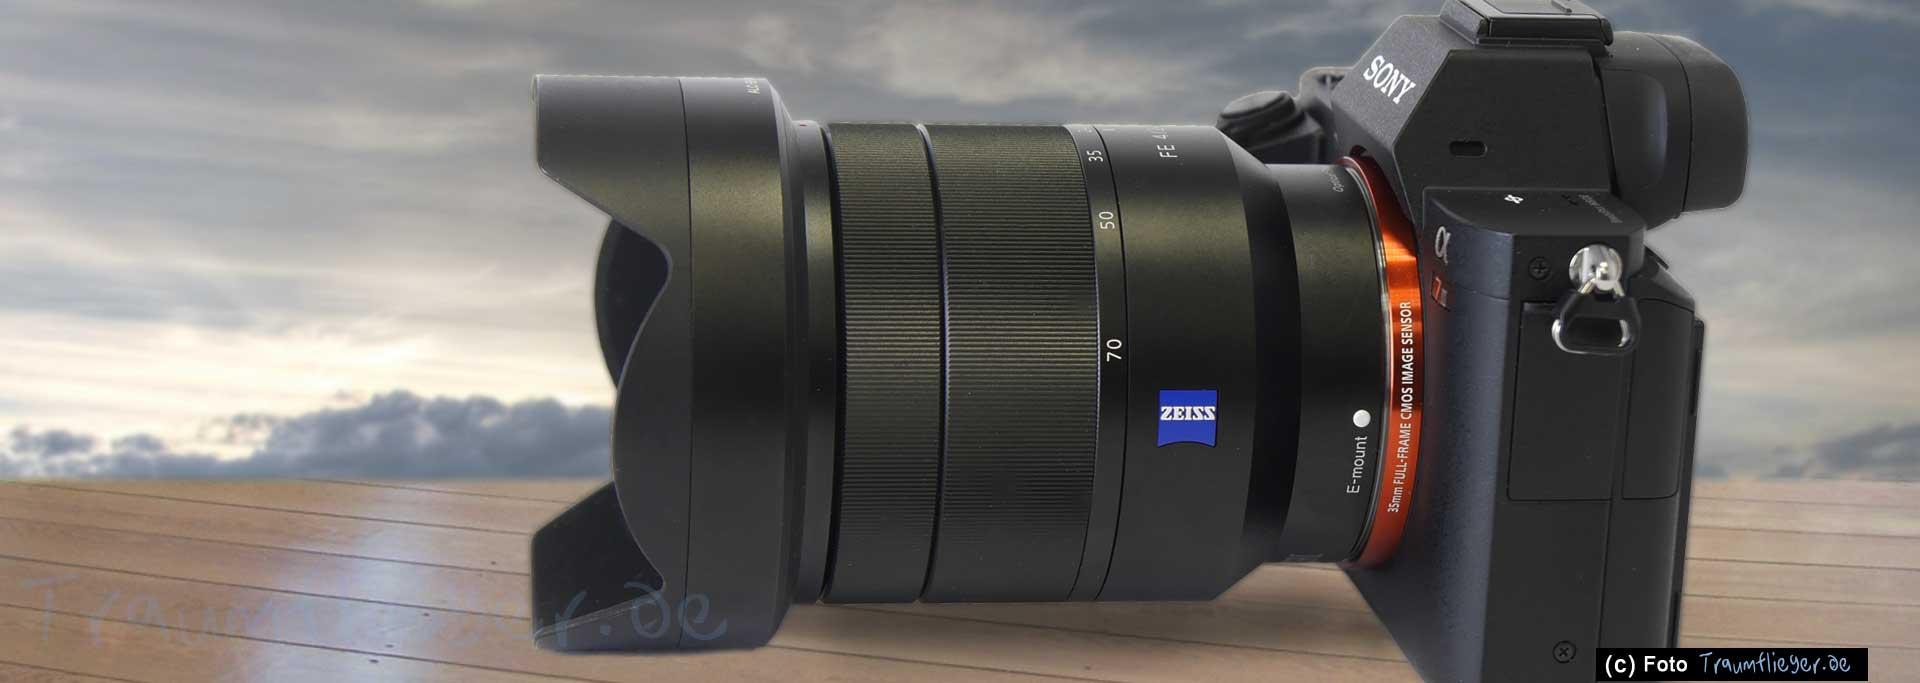 Sony Zeiss Vario-Tessar T* FE 24 - 70mm / f4 ZA OSS im Test ...